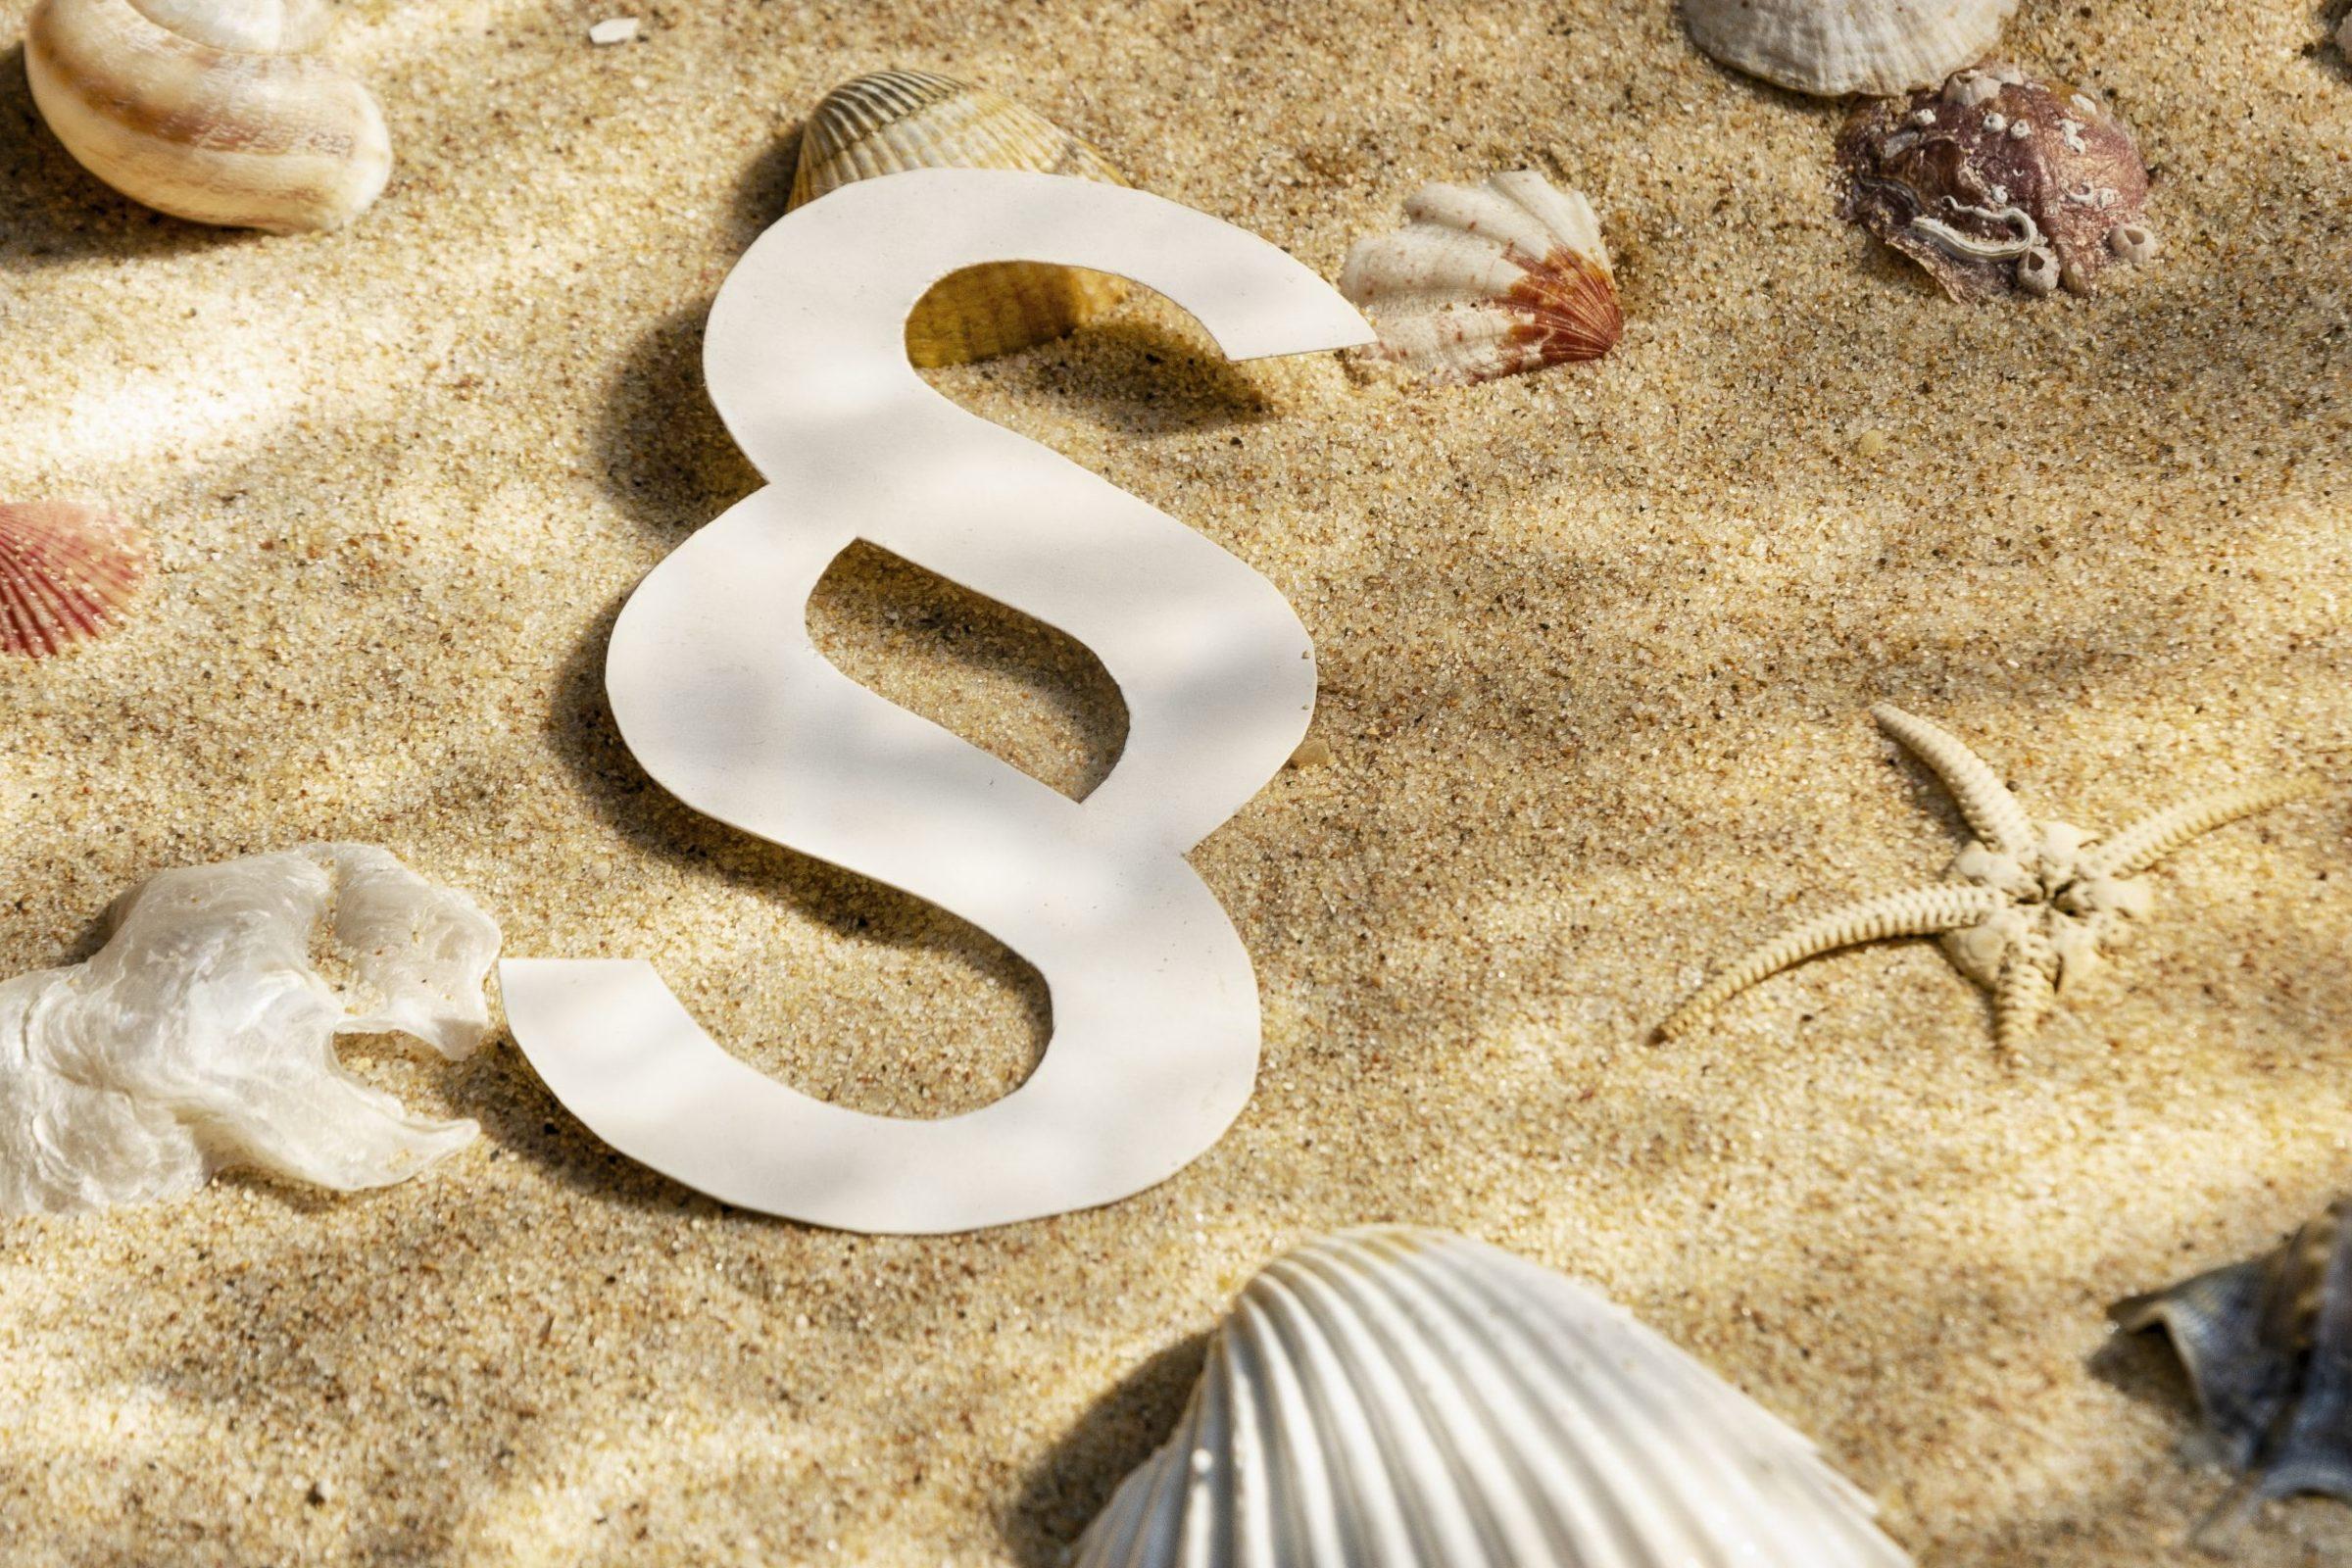 Verfall von Urlaubsansprüchen; Einschränkungen durch Urteil des Bundesarbeitsgerichts